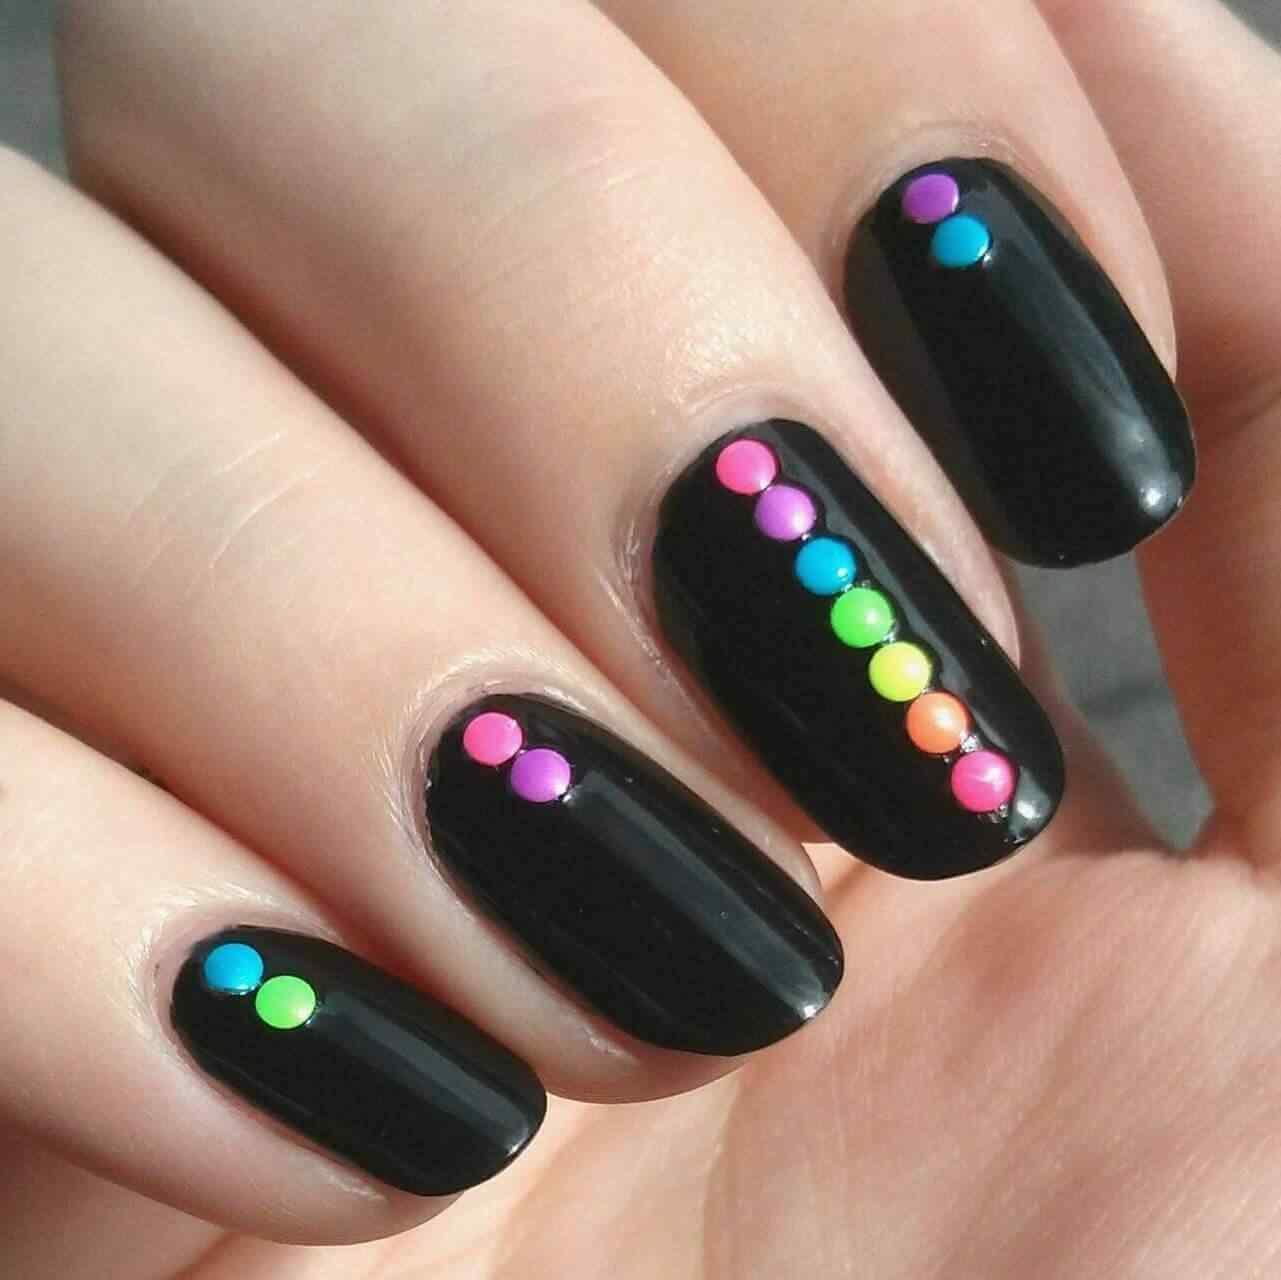 uñas negras sencillas con puntos de colores